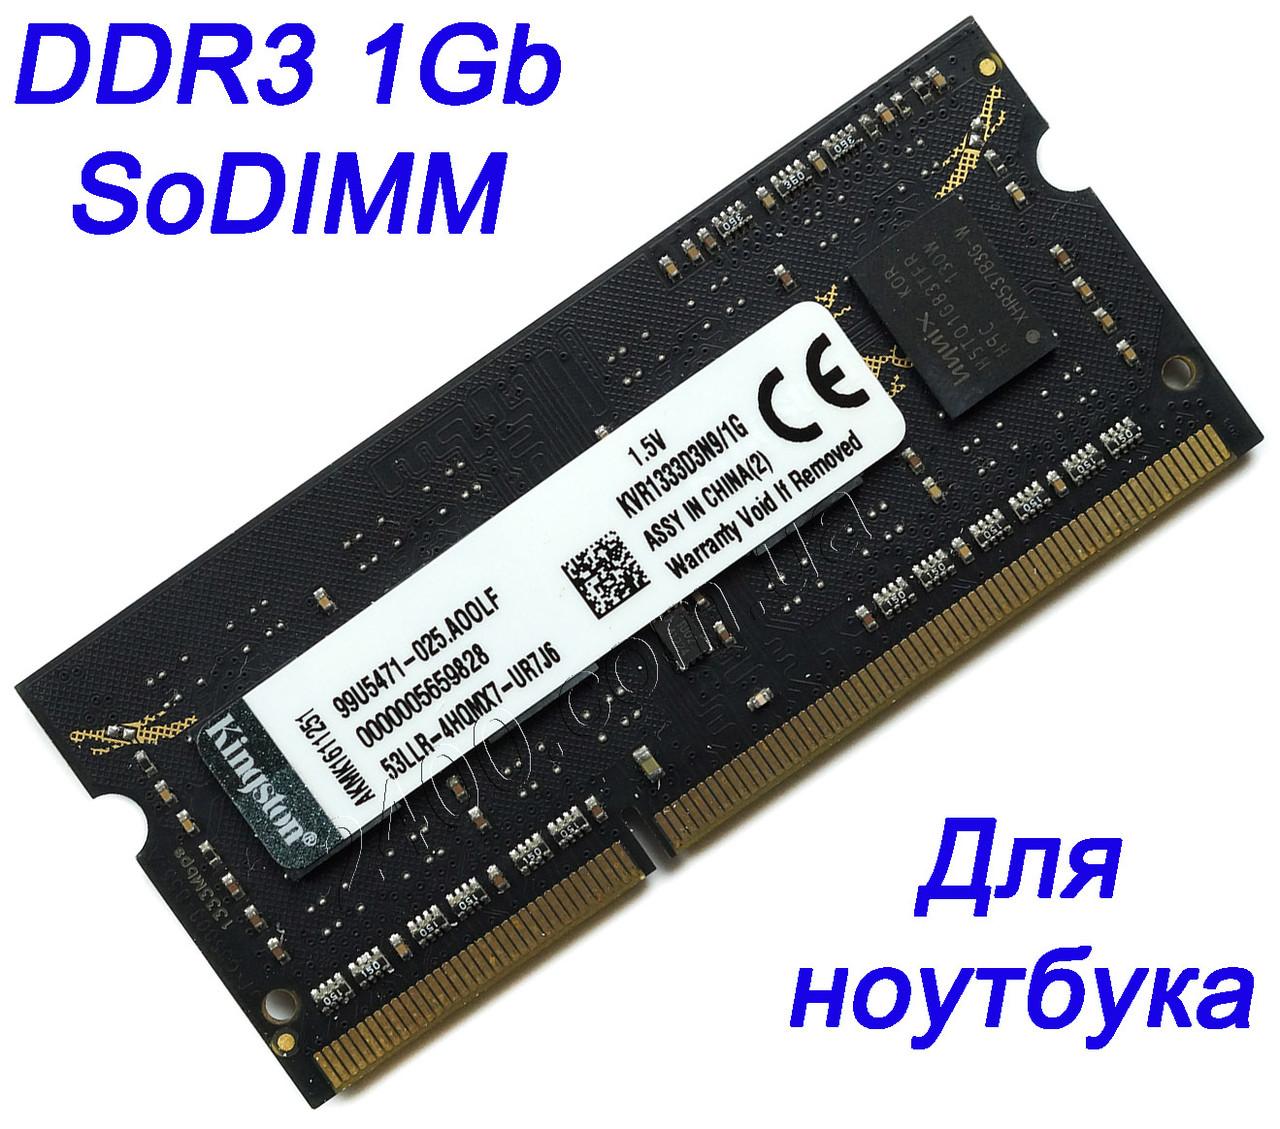 Оперативная память для ноутбука DDR3 1Gb (1Гб) 1024MB 1333 PC3-10600 SODIMM KVR1333D3N9/1G ДДР3 1 Гб (1 Gb)